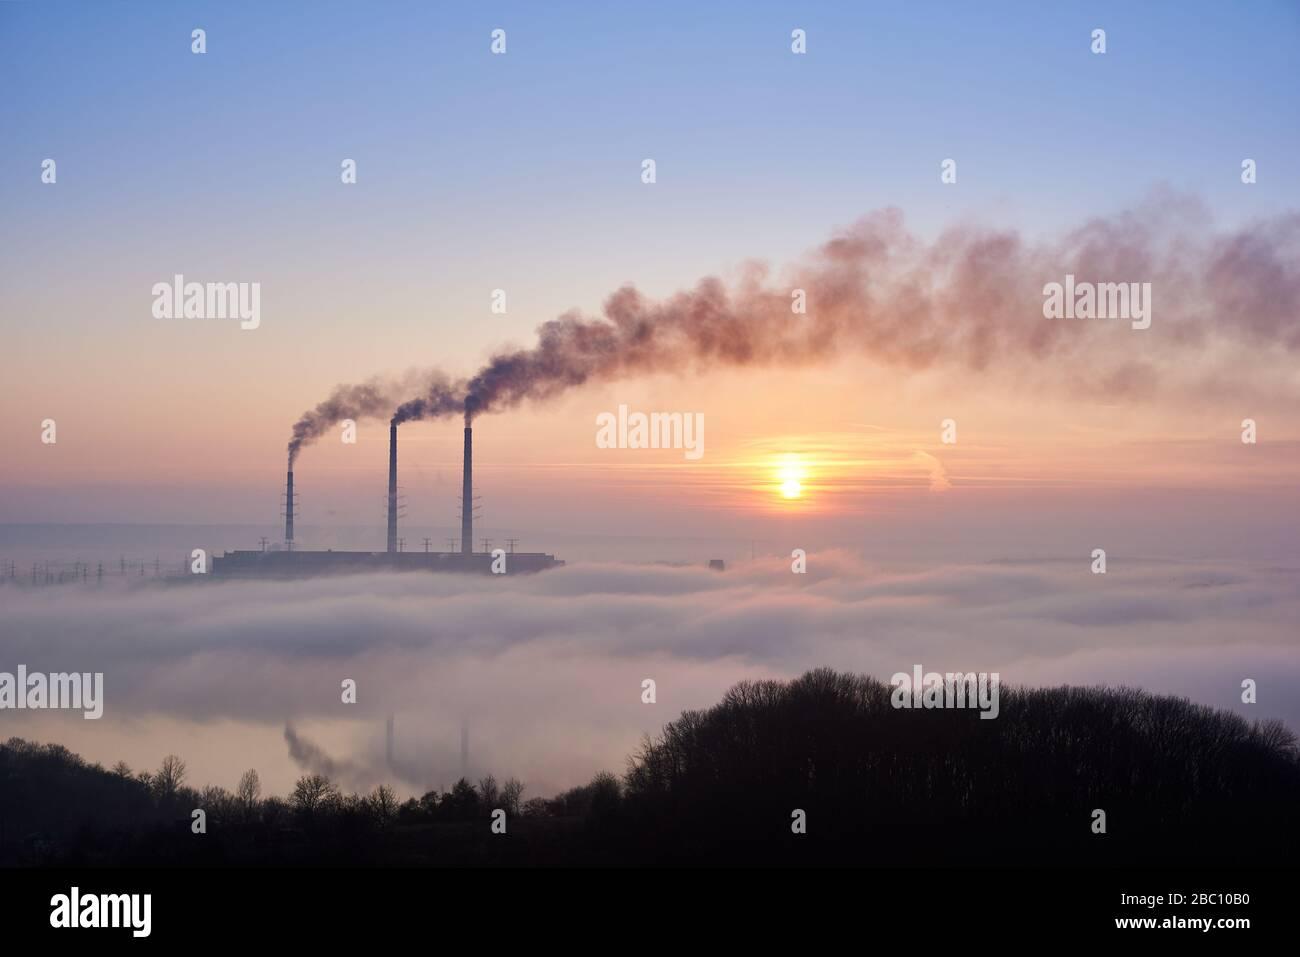 Fotografia orizzontale di tre pile fumanti di centrale termica all'orizzonte prese dalla collina, tubi sono in nebbia serale su cielo blu, copia spazio. Concetto di inquinamento ambientale Foto Stock